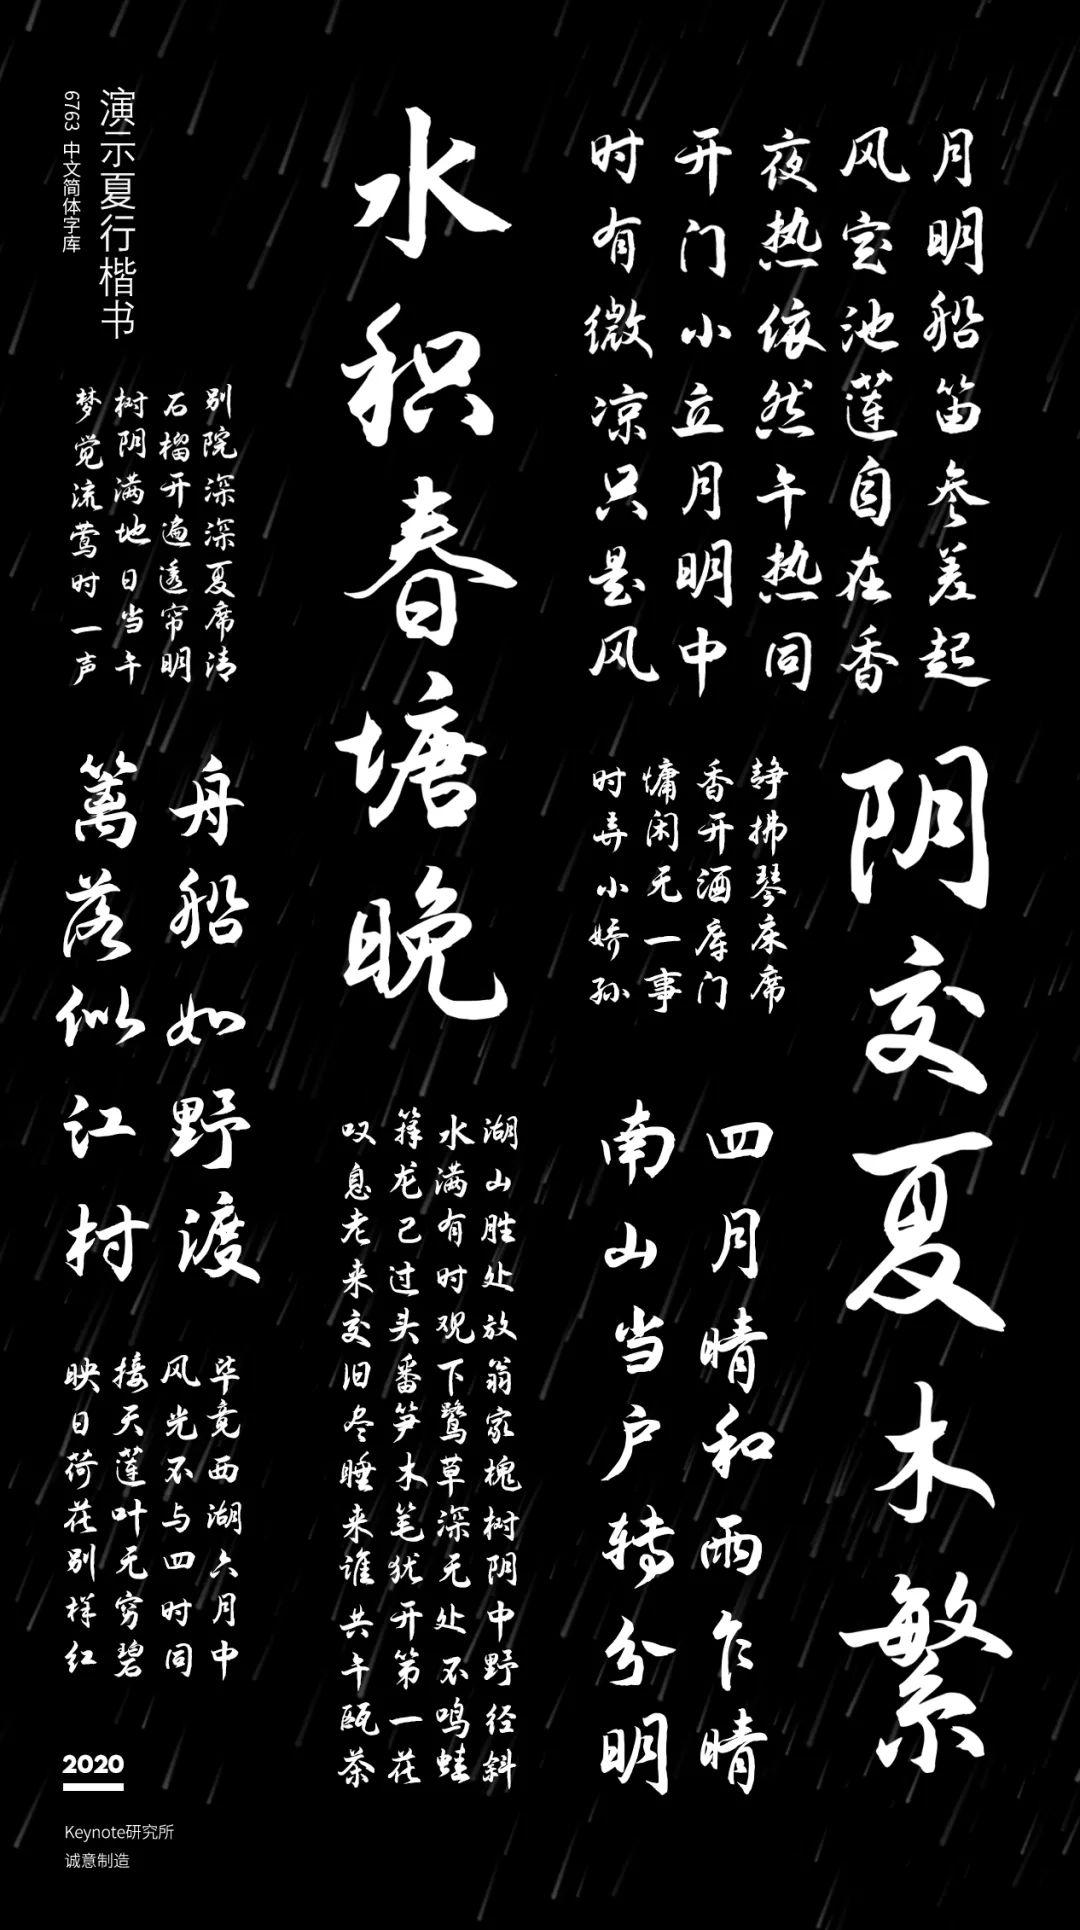 【演示夏行楷-Slidexiaxing-Regular】  -  免费正版中文字体下载